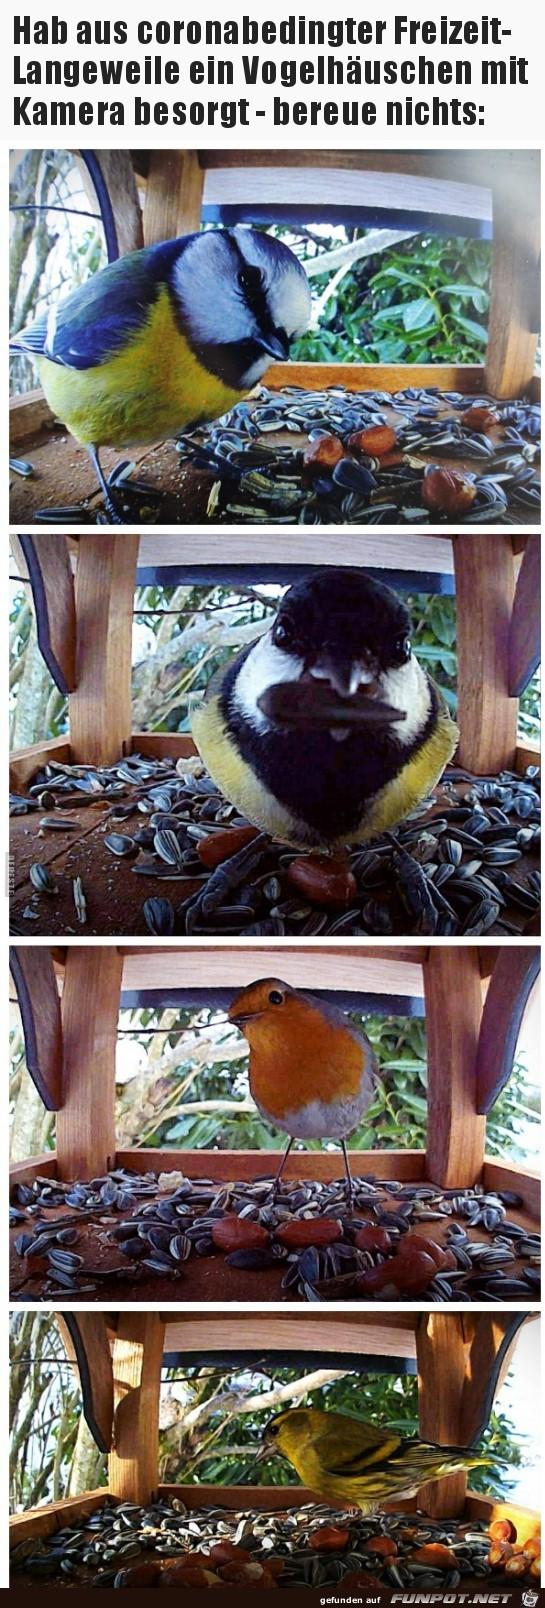 Vogelhaus mit Kamera